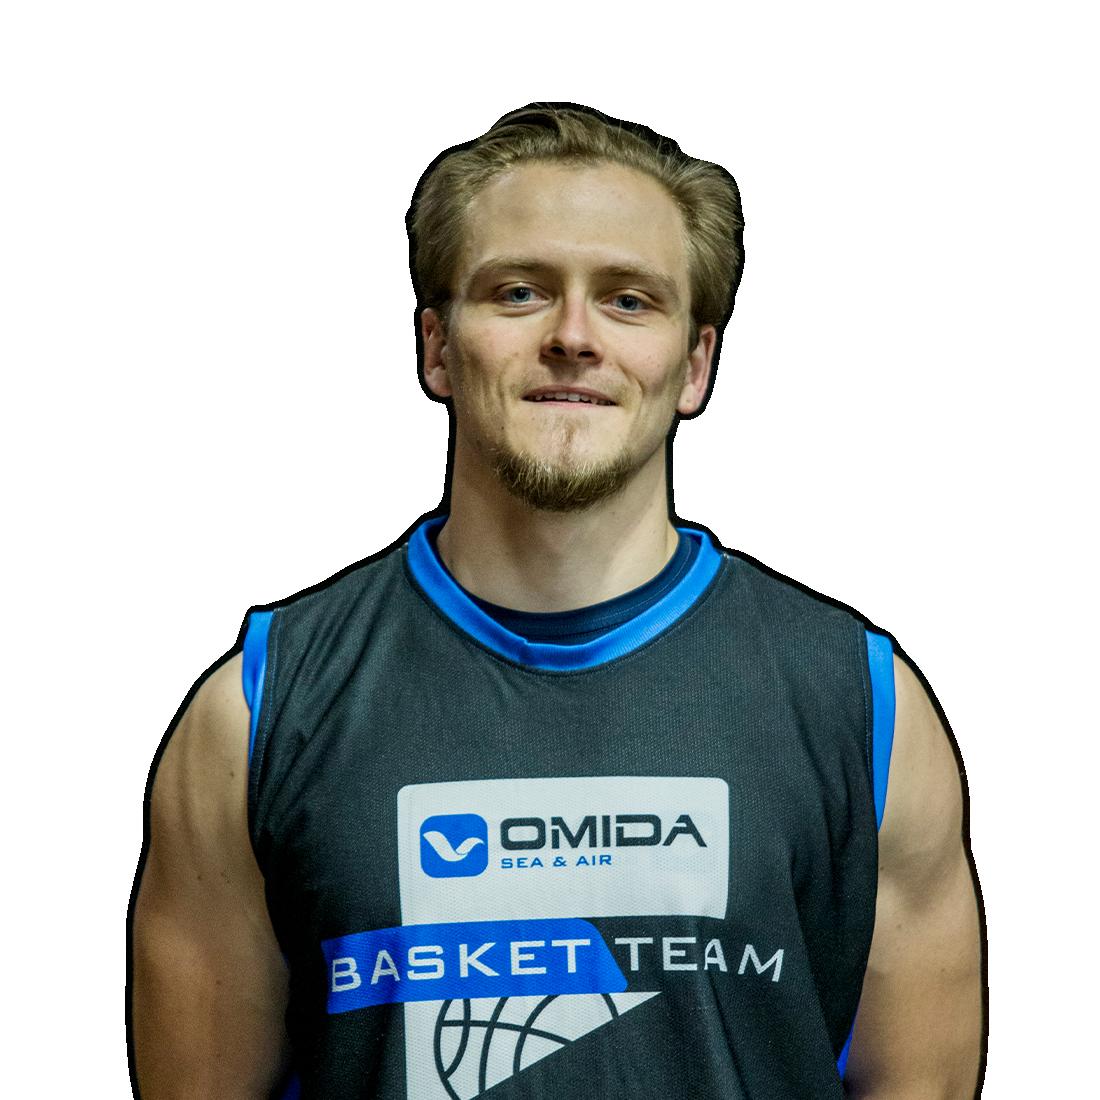 Filip Pasternak